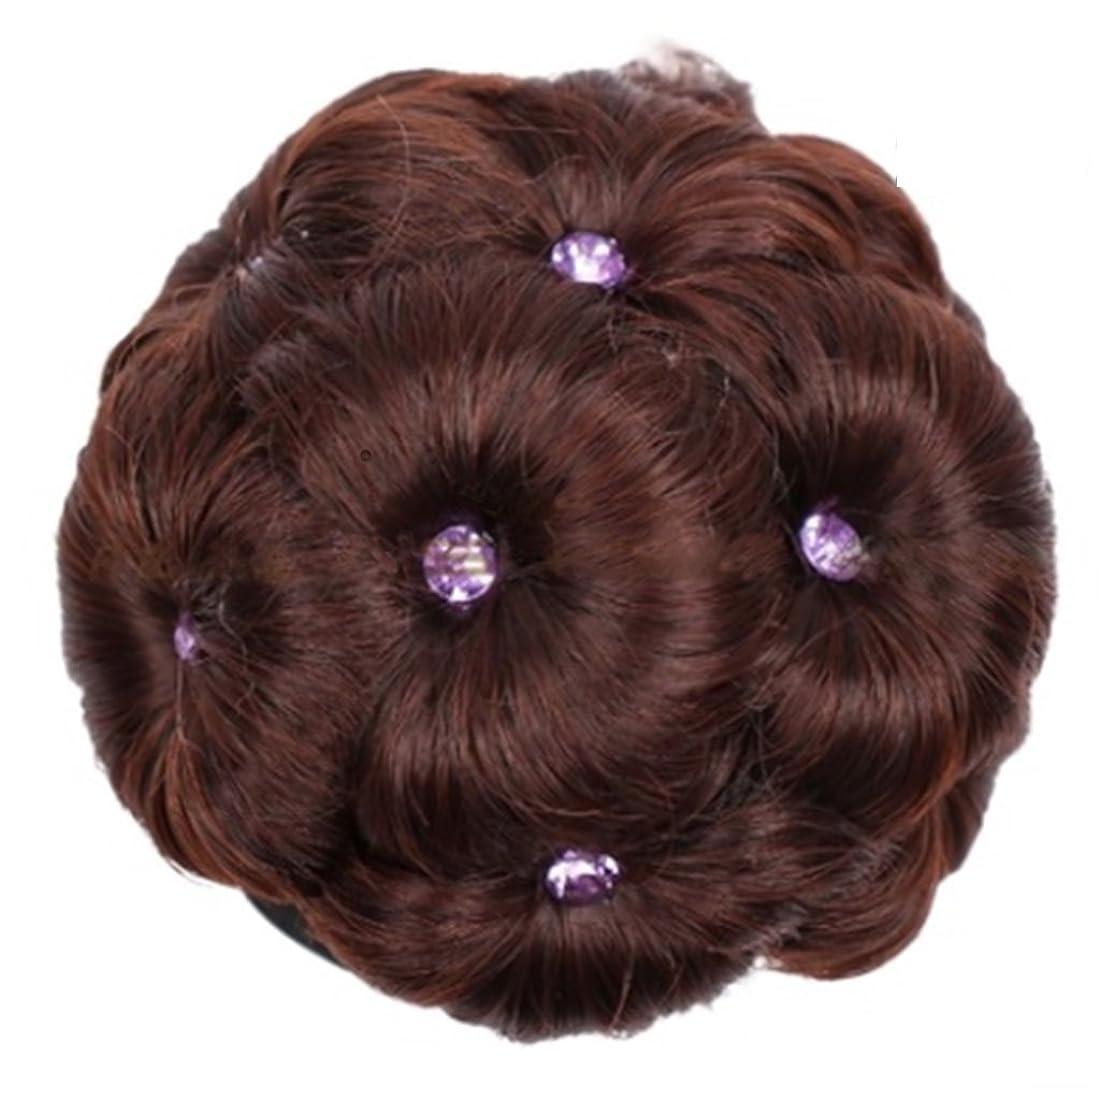 登録する大学生健康Koloeplf 合成繊維髪の毛の拡張子のドリル九花の女性と女性のためのヘアピース (Color : 2/33#)